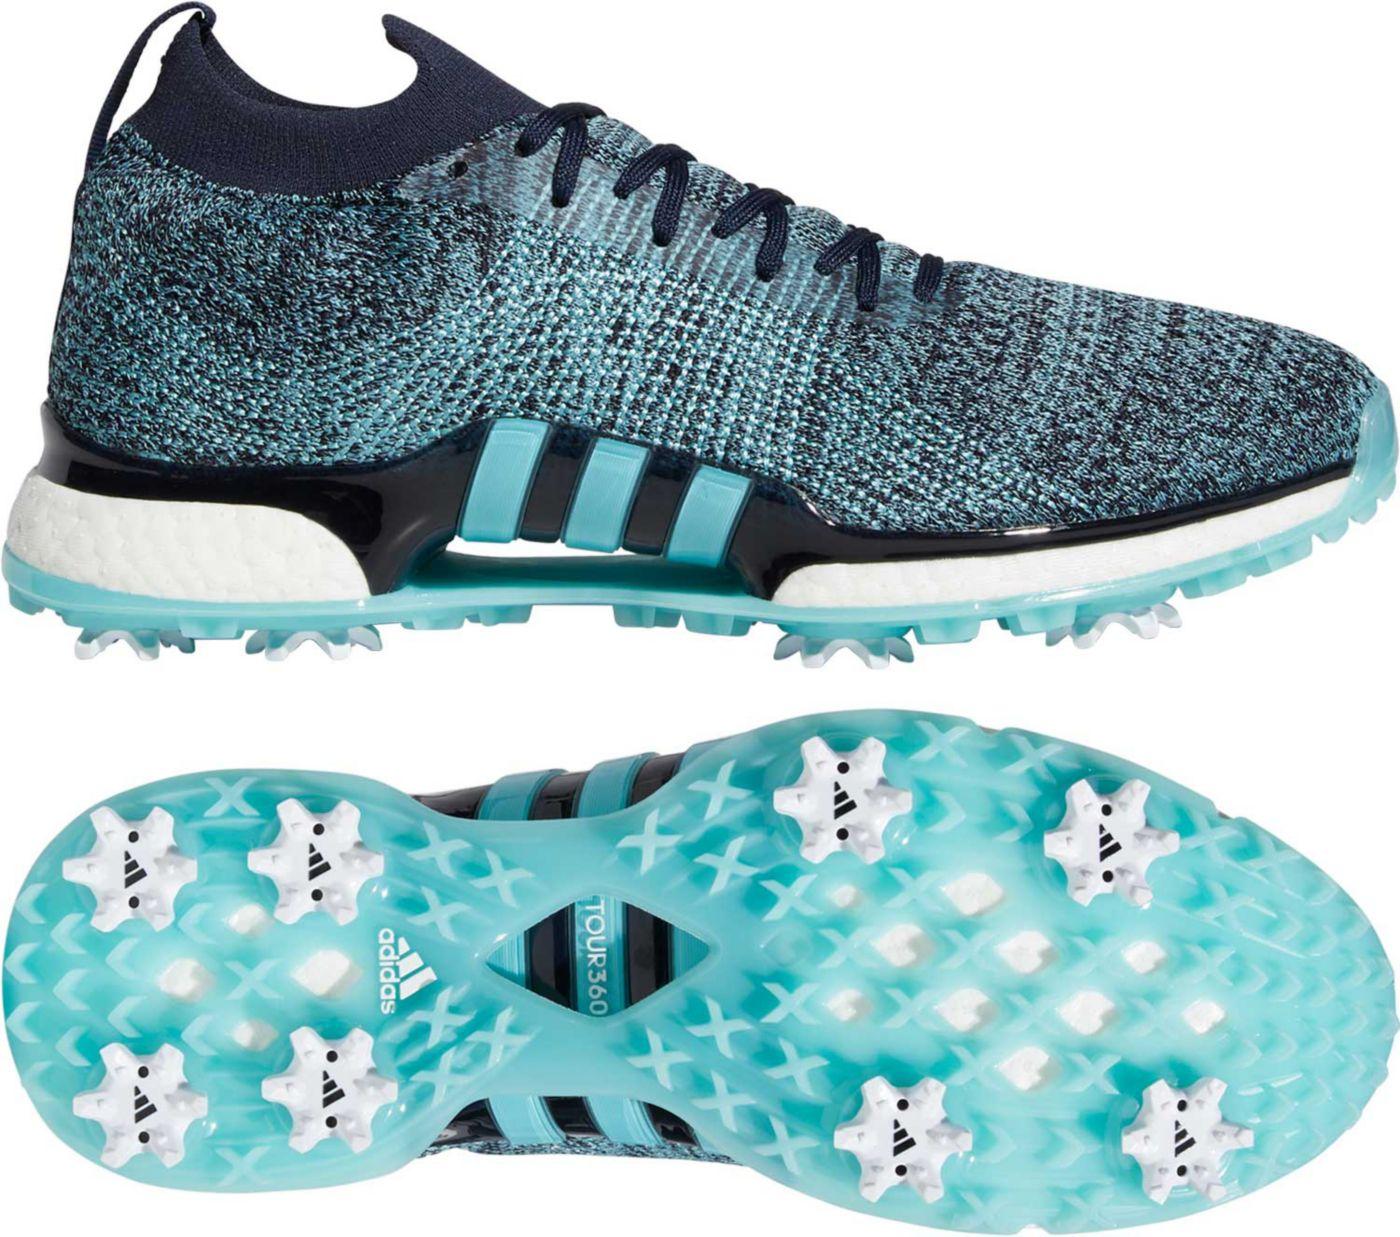 adidas Men's TOUR360 XT Parley Primeknit Golf Shoes